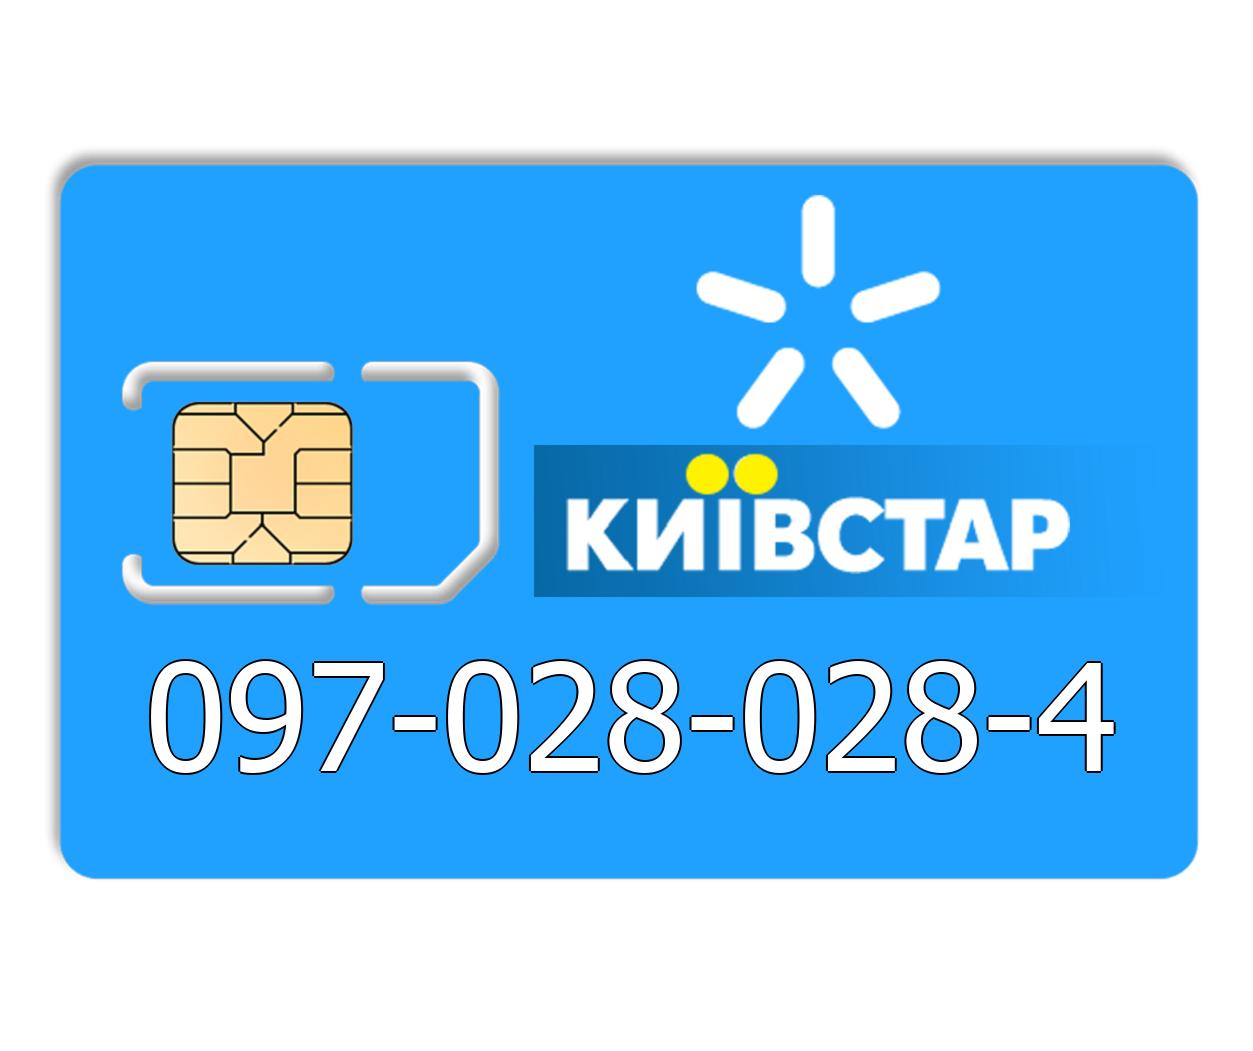 Красивый номер Киевстар 097-028-028-4